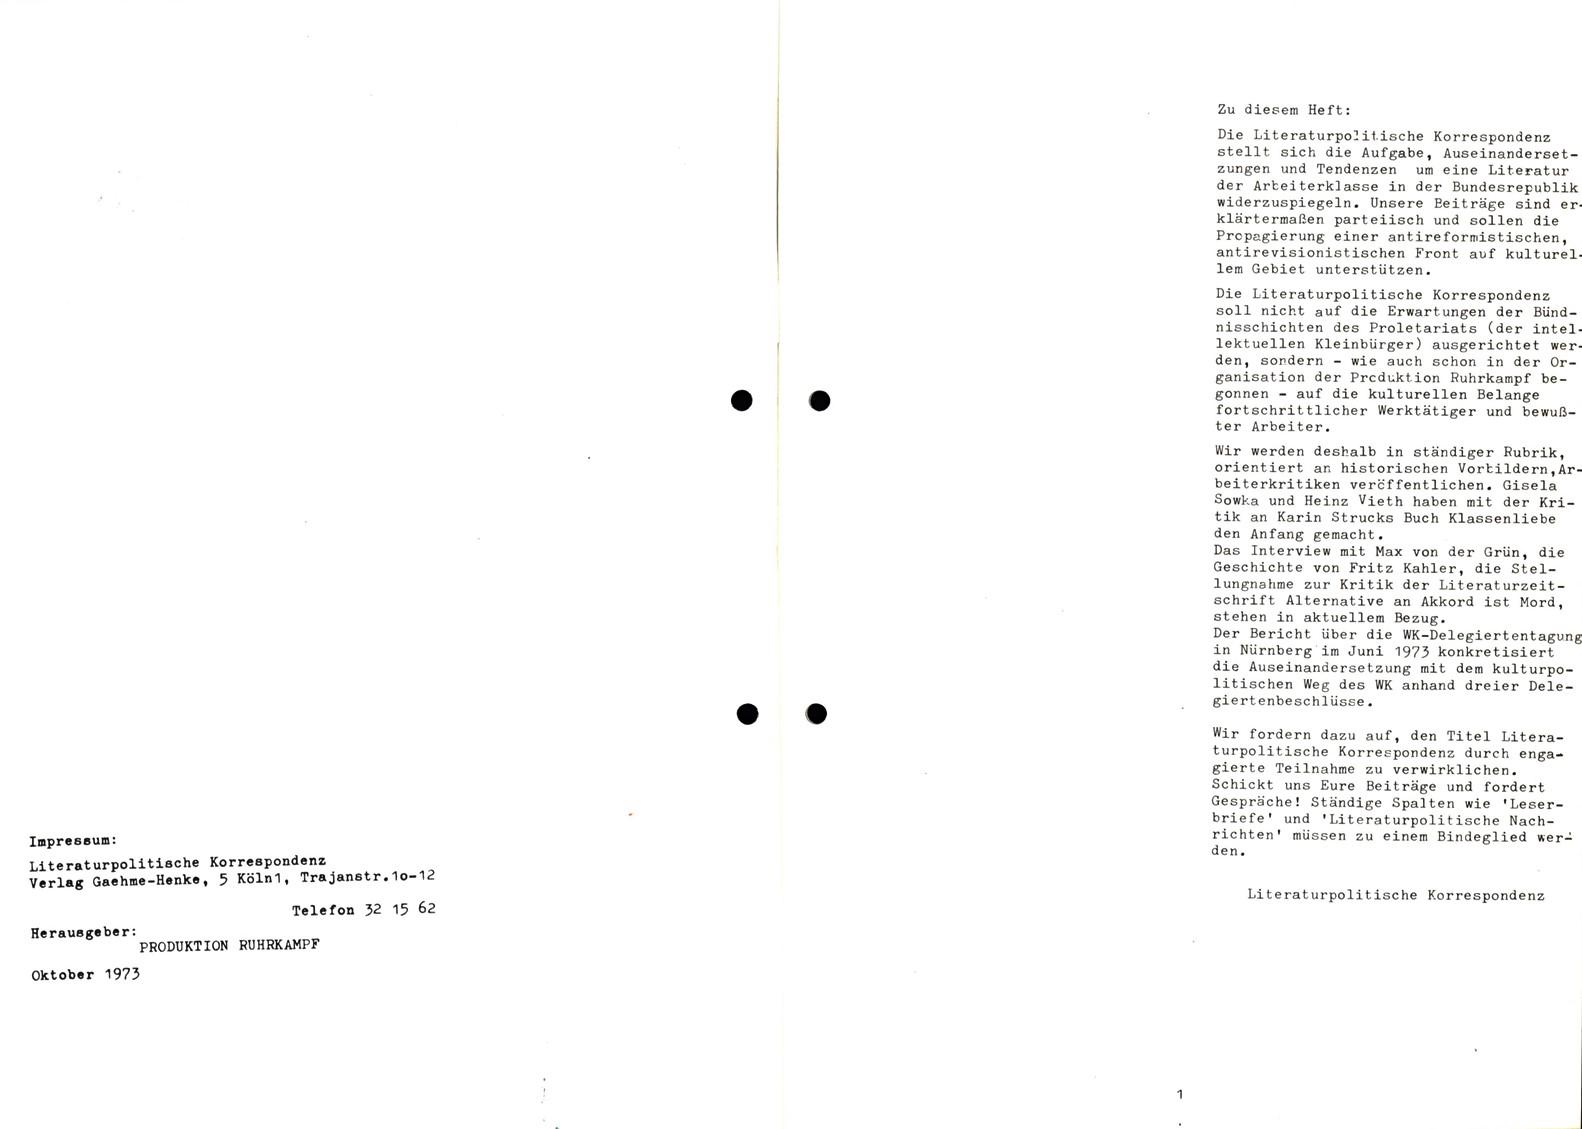 Ruhrkampf_Literaturpolitische_Korrespondenz_19731000_02